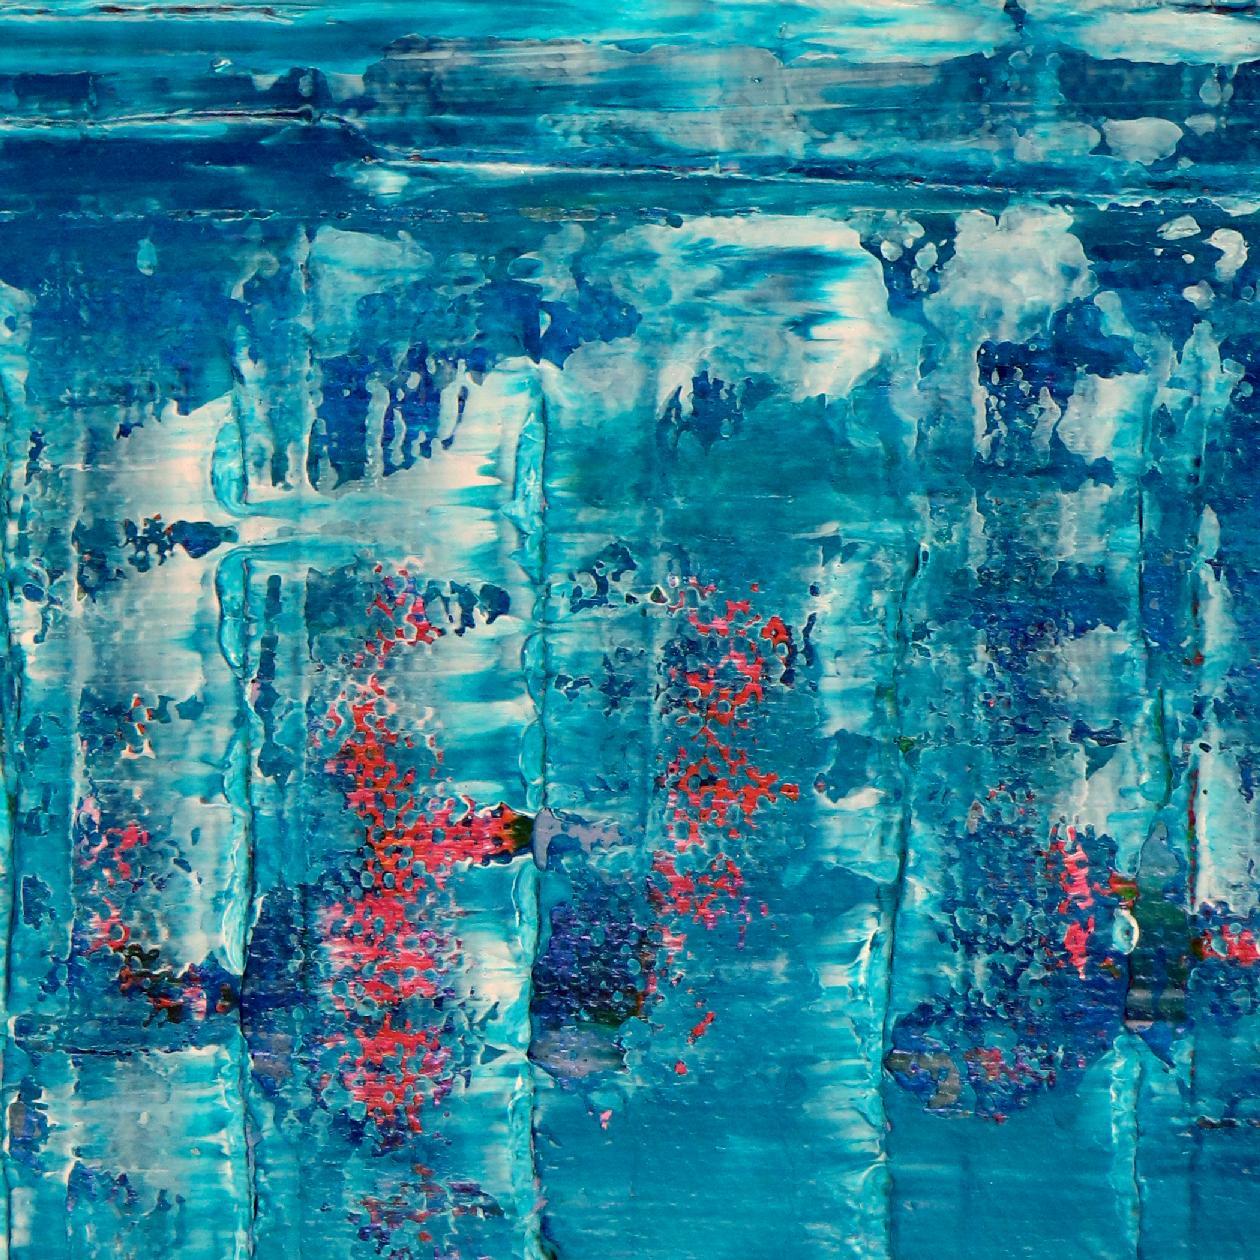 Azul Terrain (2020) by Nestor Toro